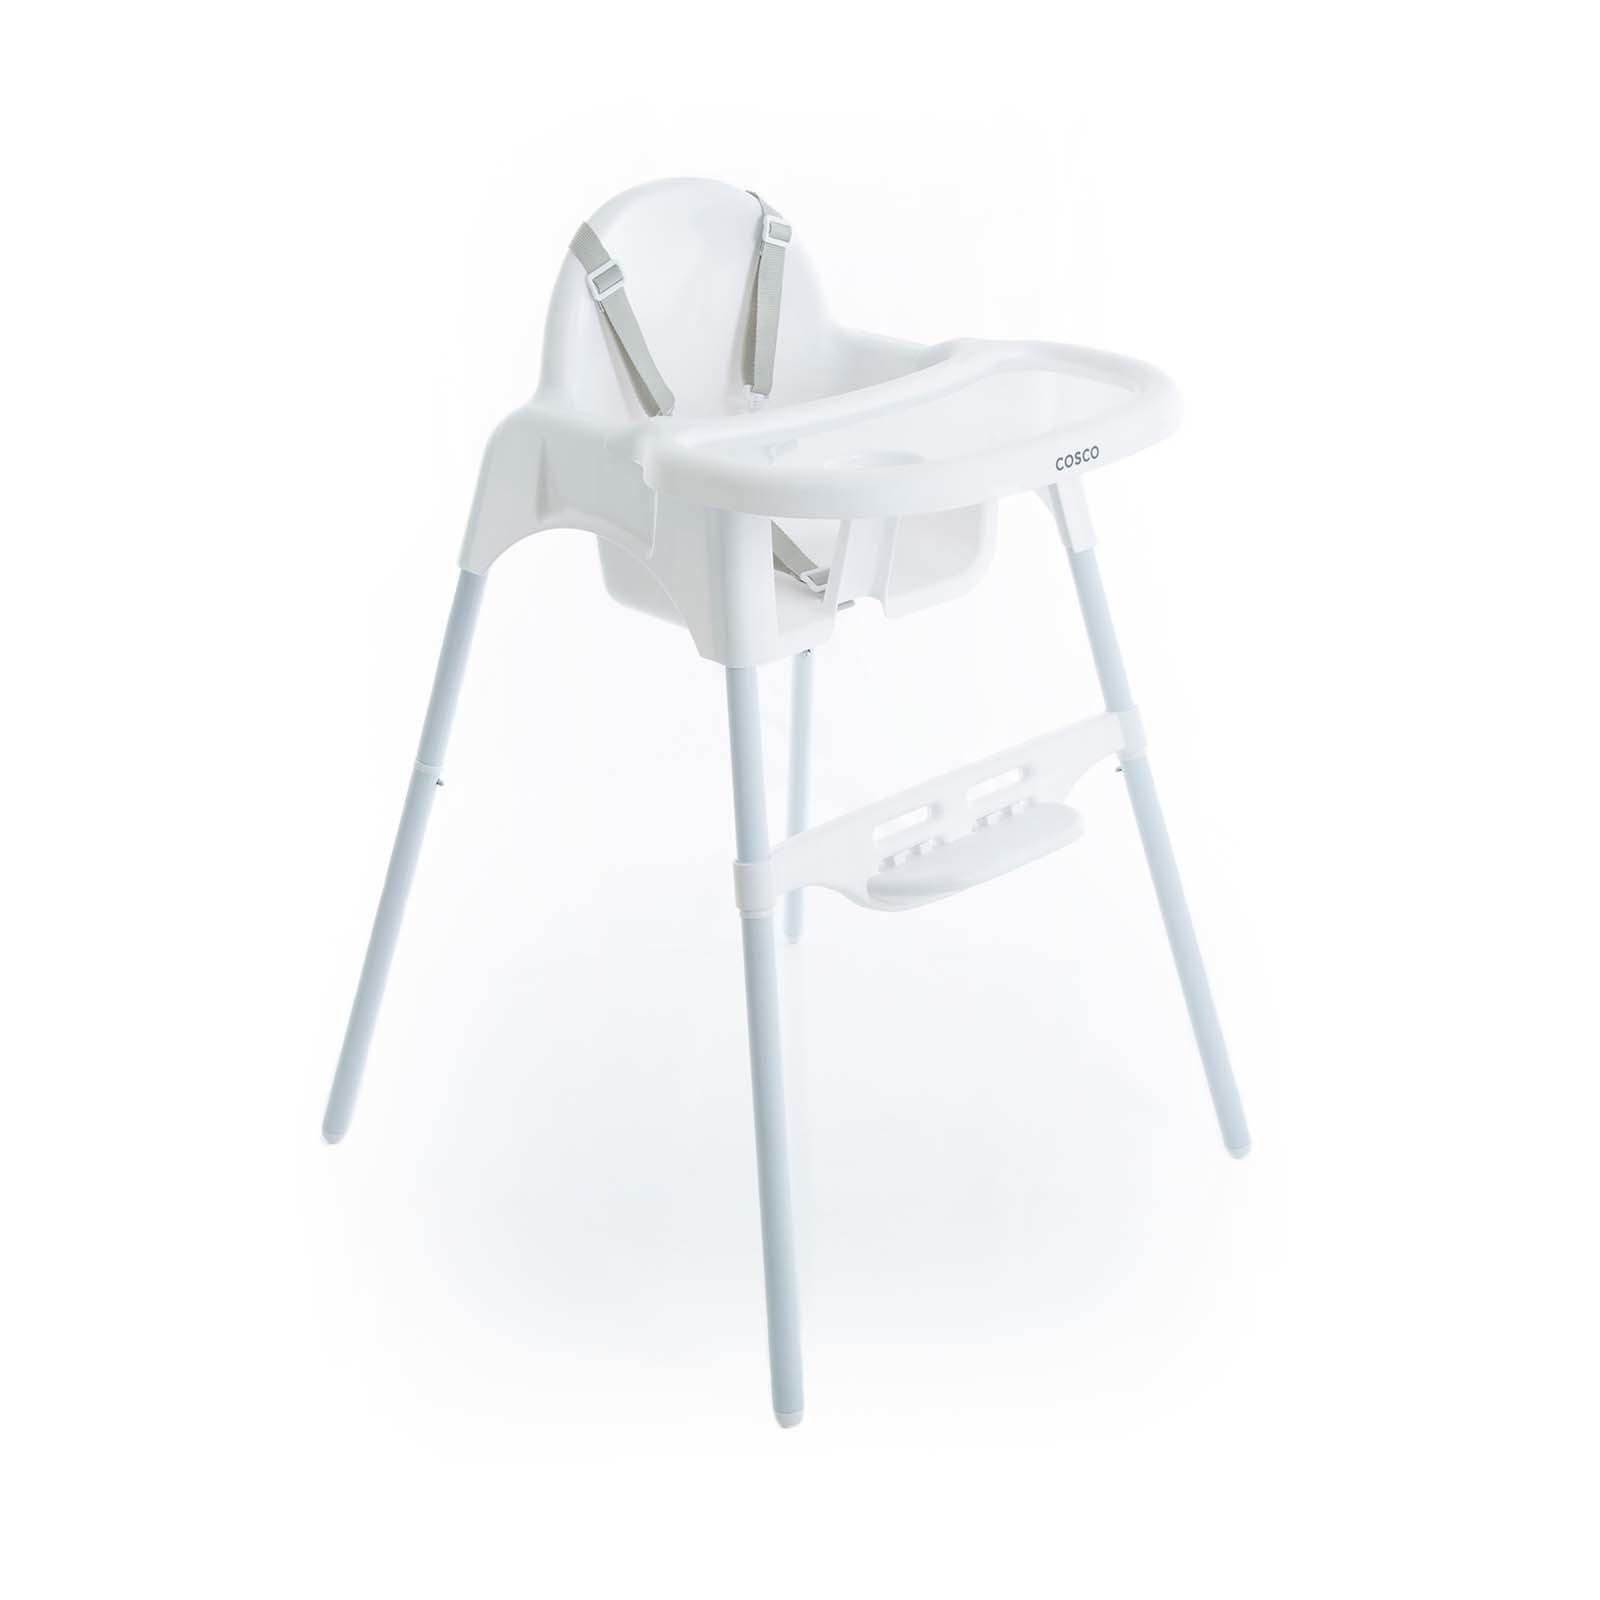 Cadeira de Refeição Cook Branco - Cosco